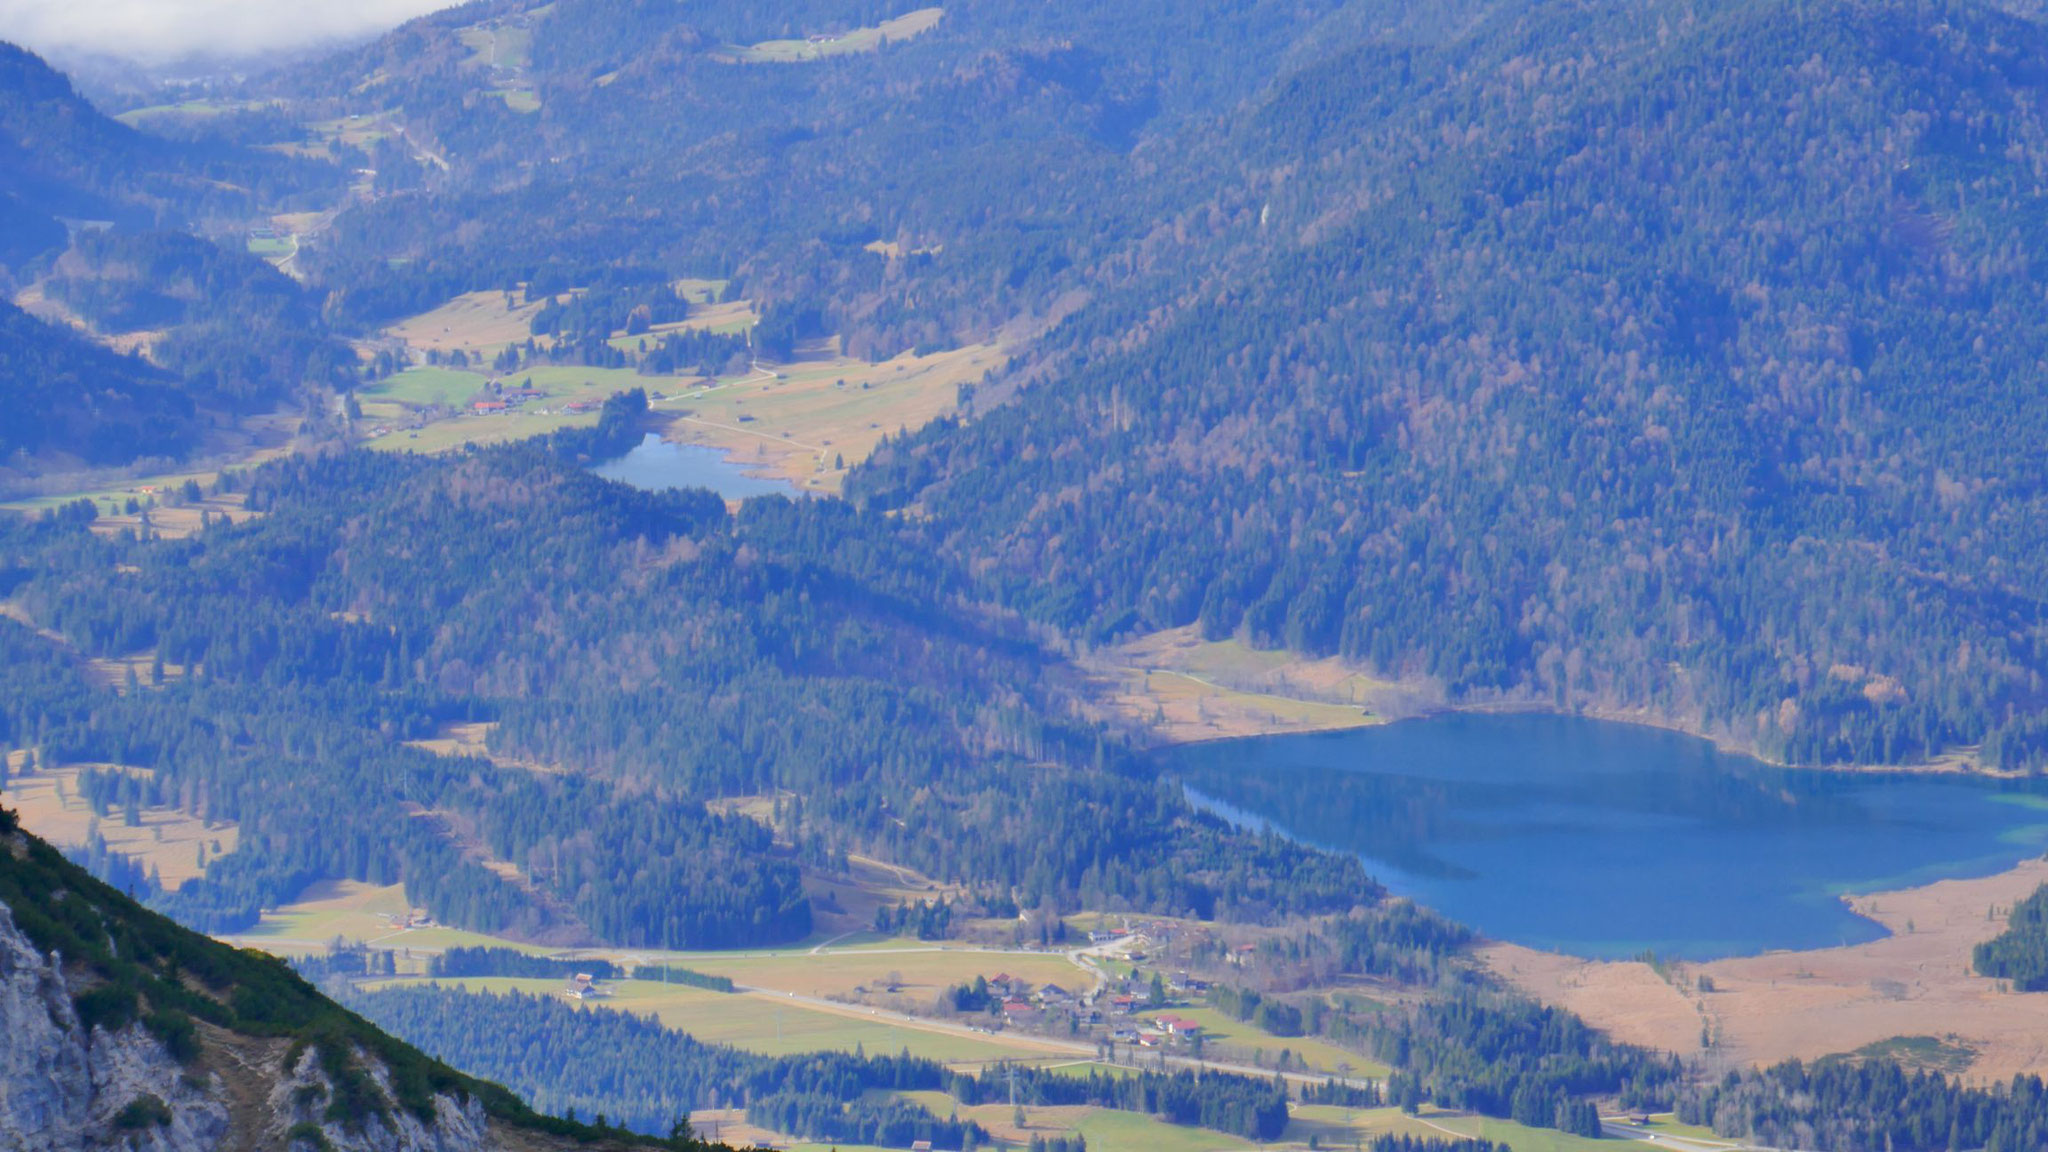 Barm- und Geroldsee